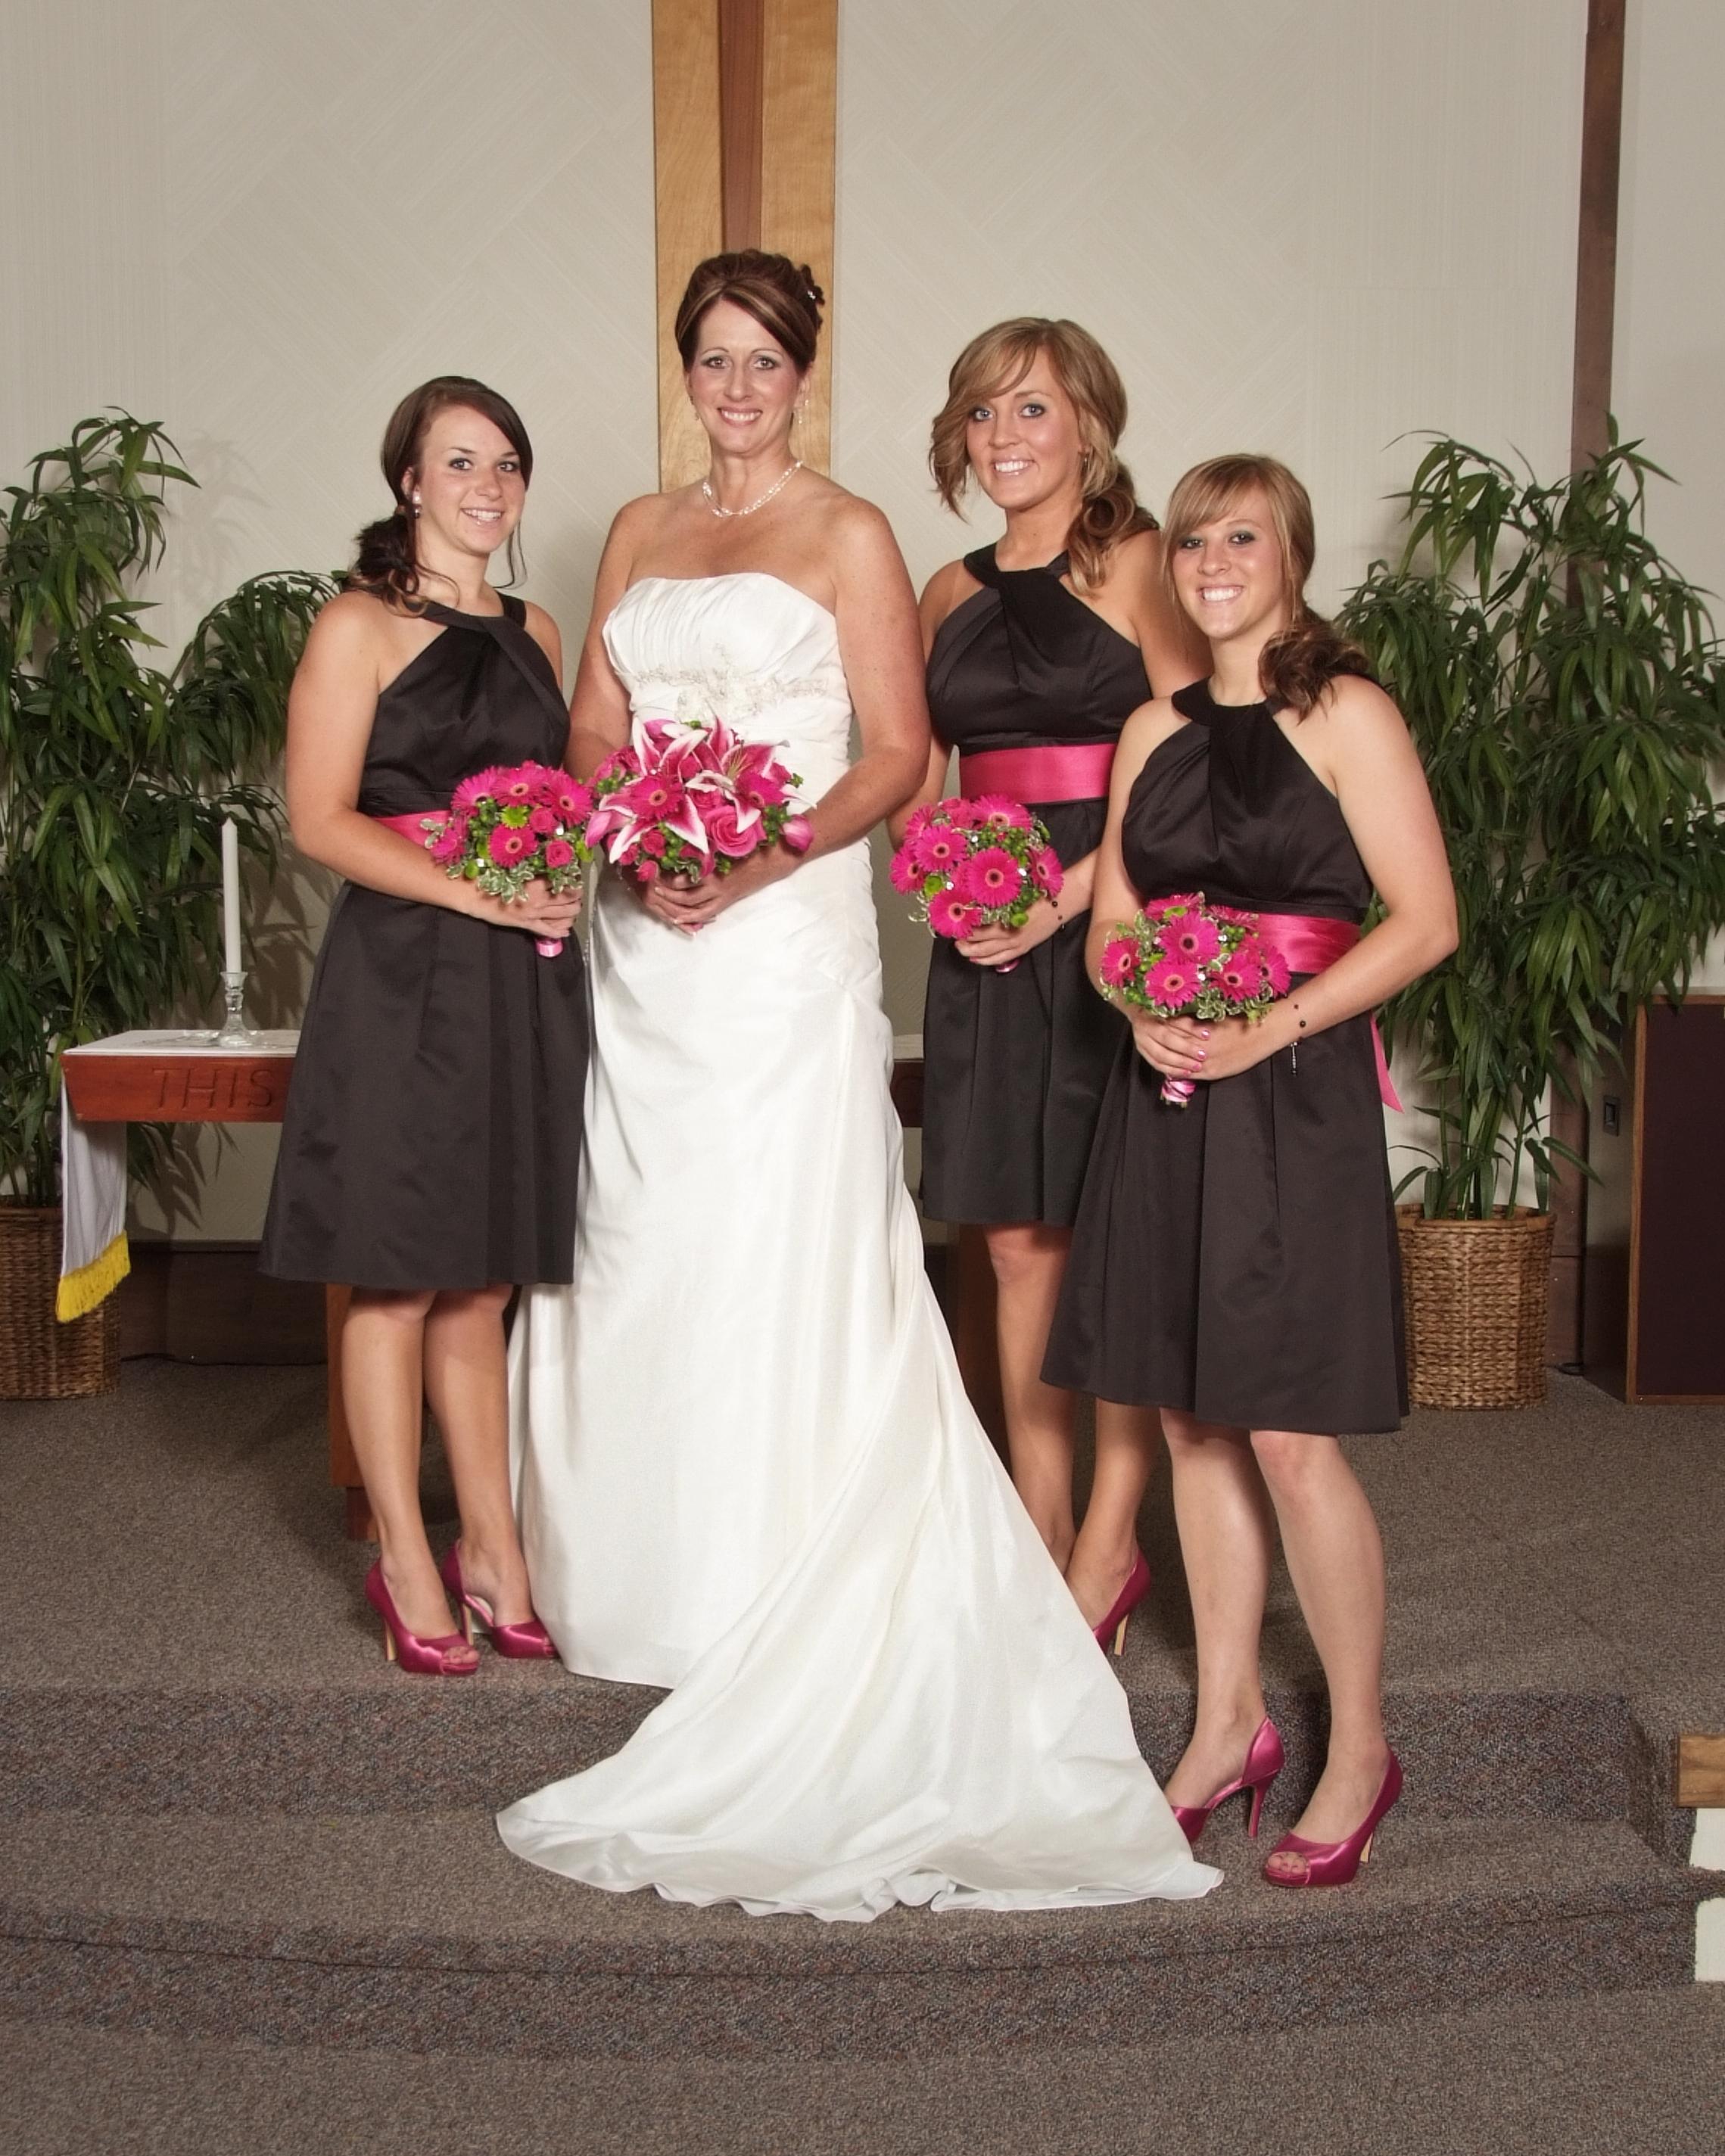 Kelsie, Laura, Sierra and Bailey